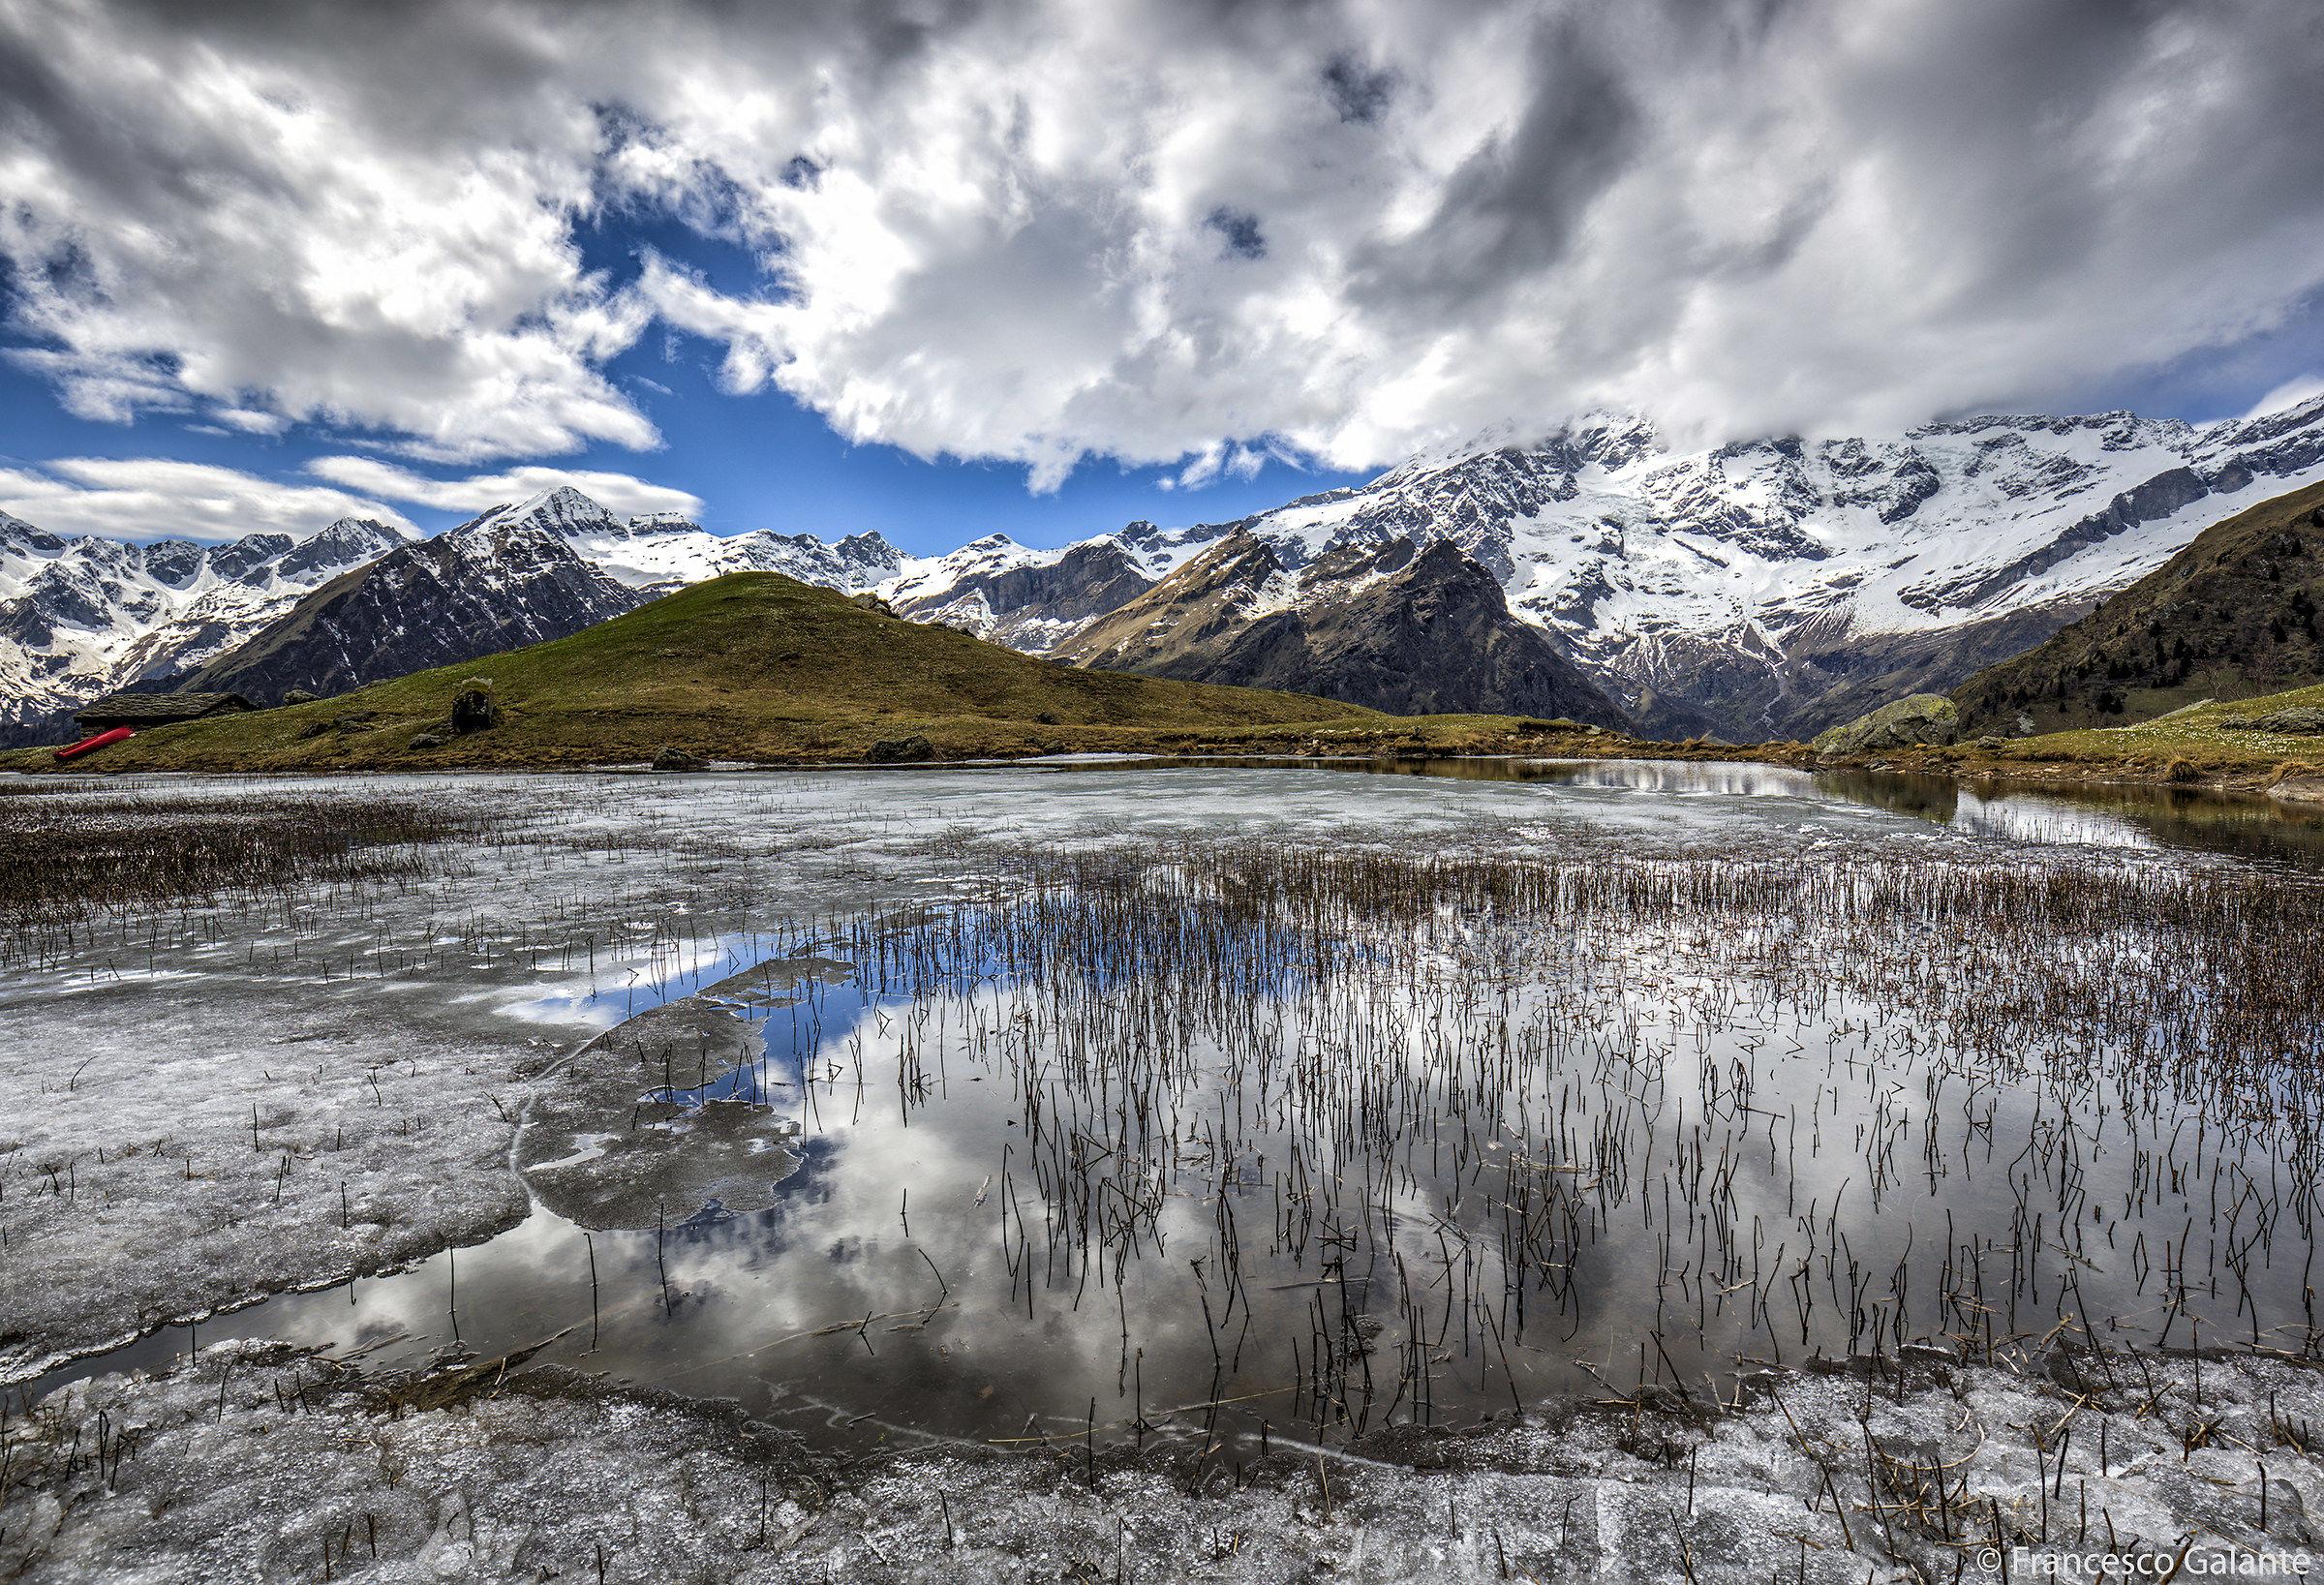 Il laghetto del alpe campo alagna valsesia juzaphoto for Il laghetto